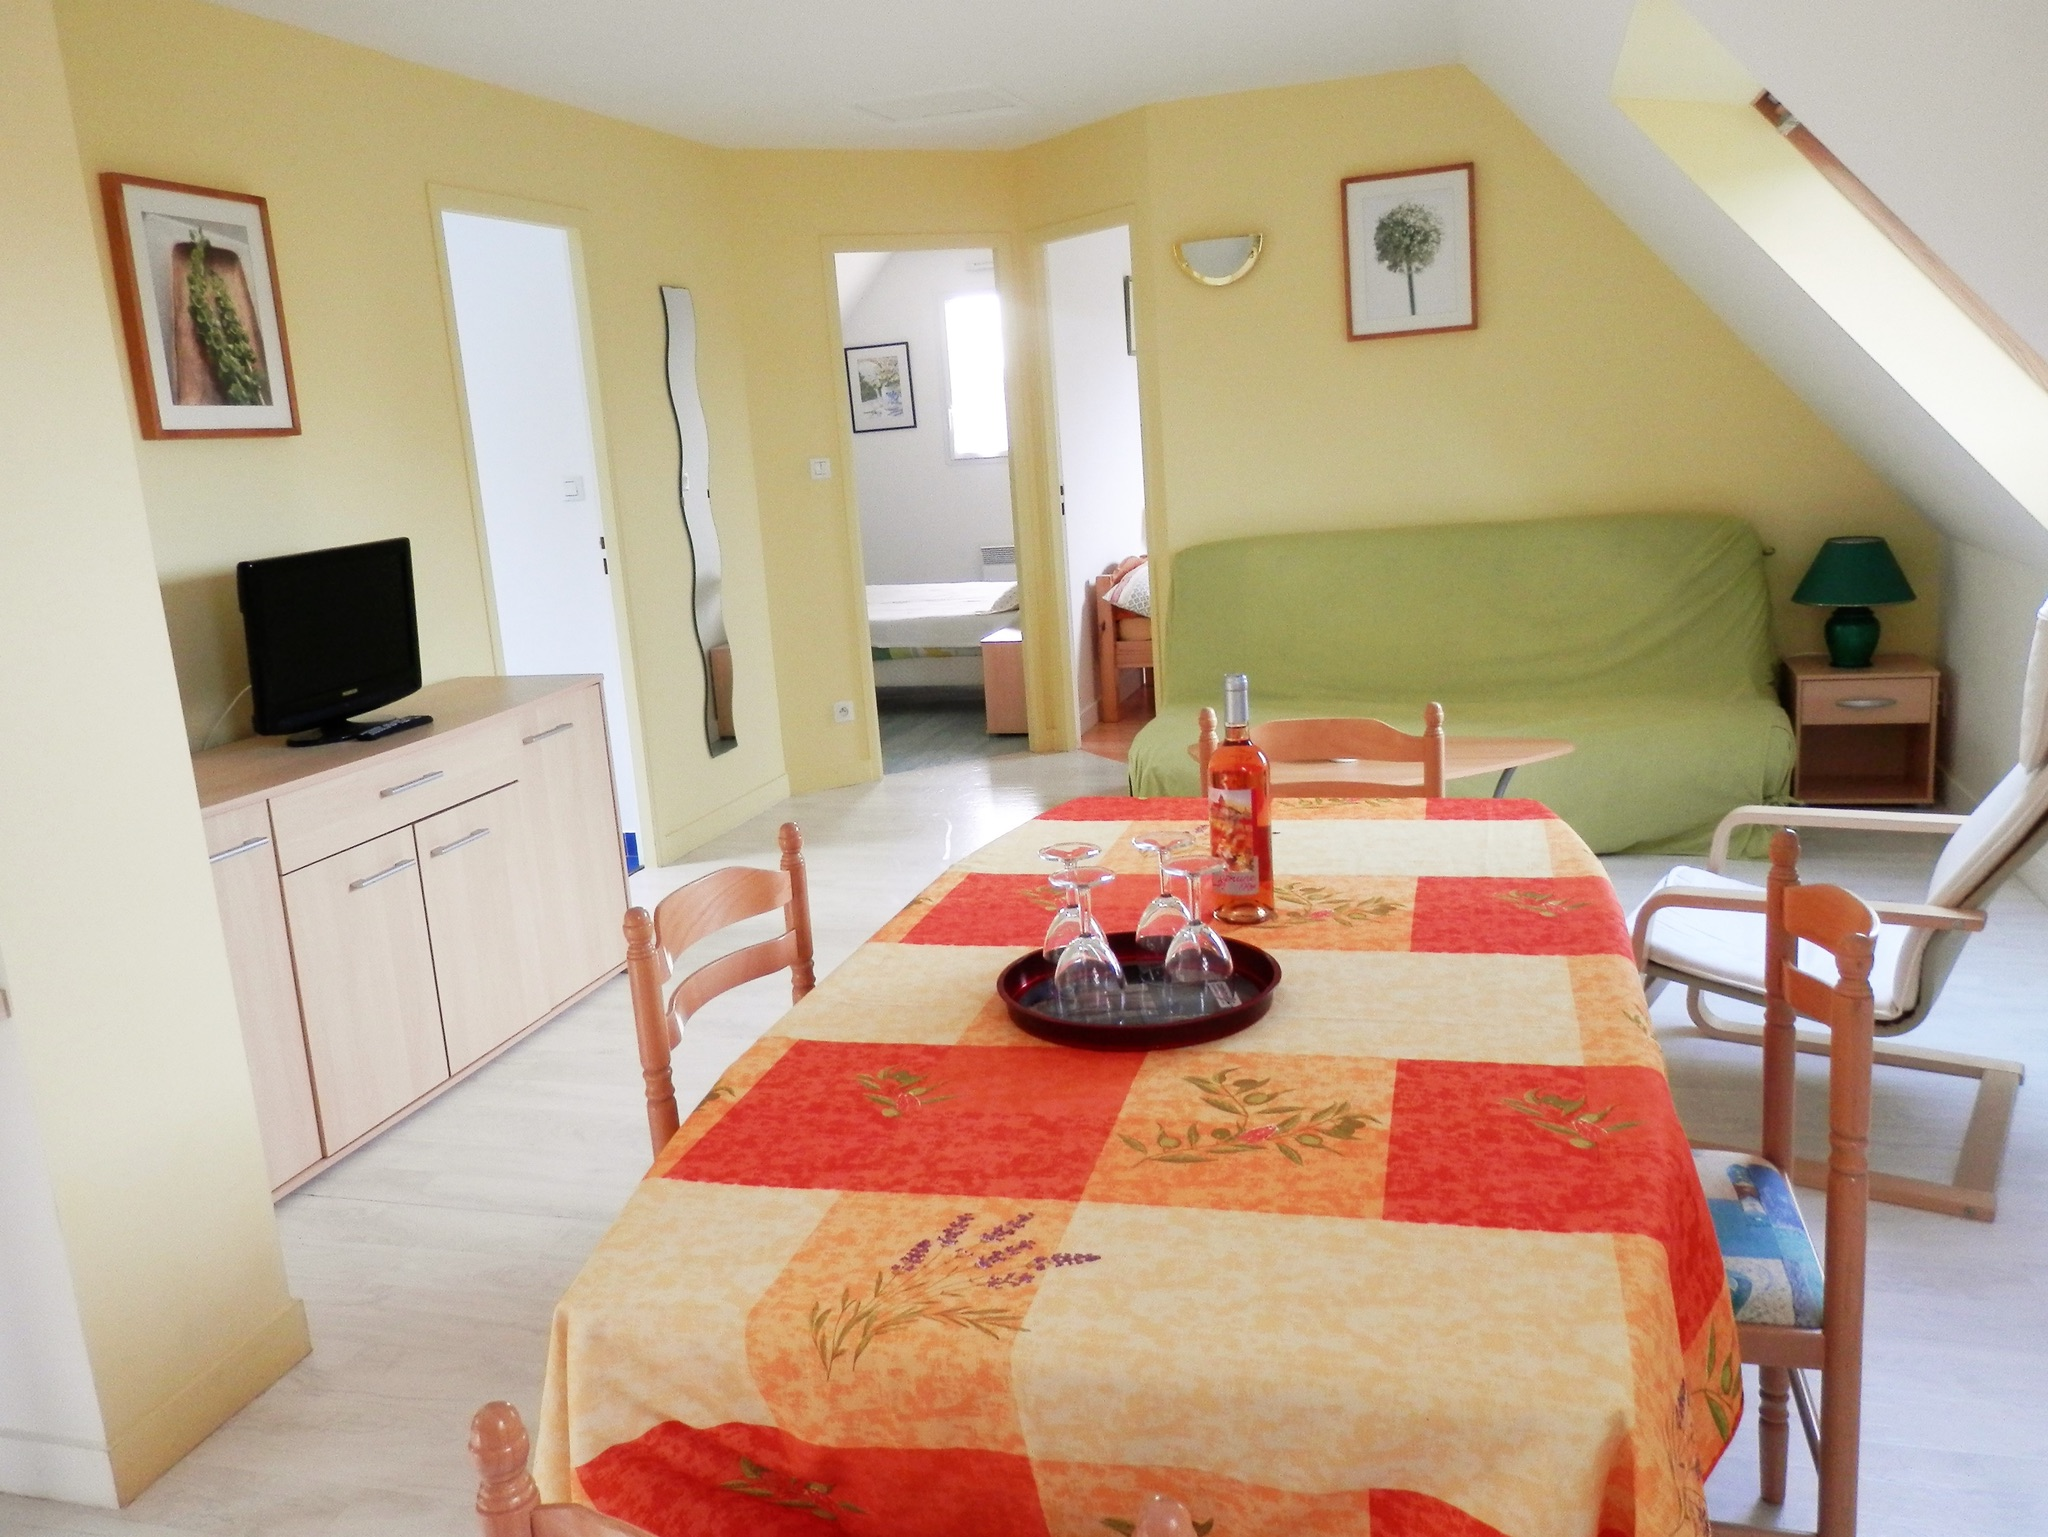 Holiday apartment Modernes wohnung in Arzon mit zwei Schlafzimmern, Terrasse und Blick auf die Stadt - für v (2201249), Arzon, Atlantic coast Morbihan, Brittany, France, picture 3